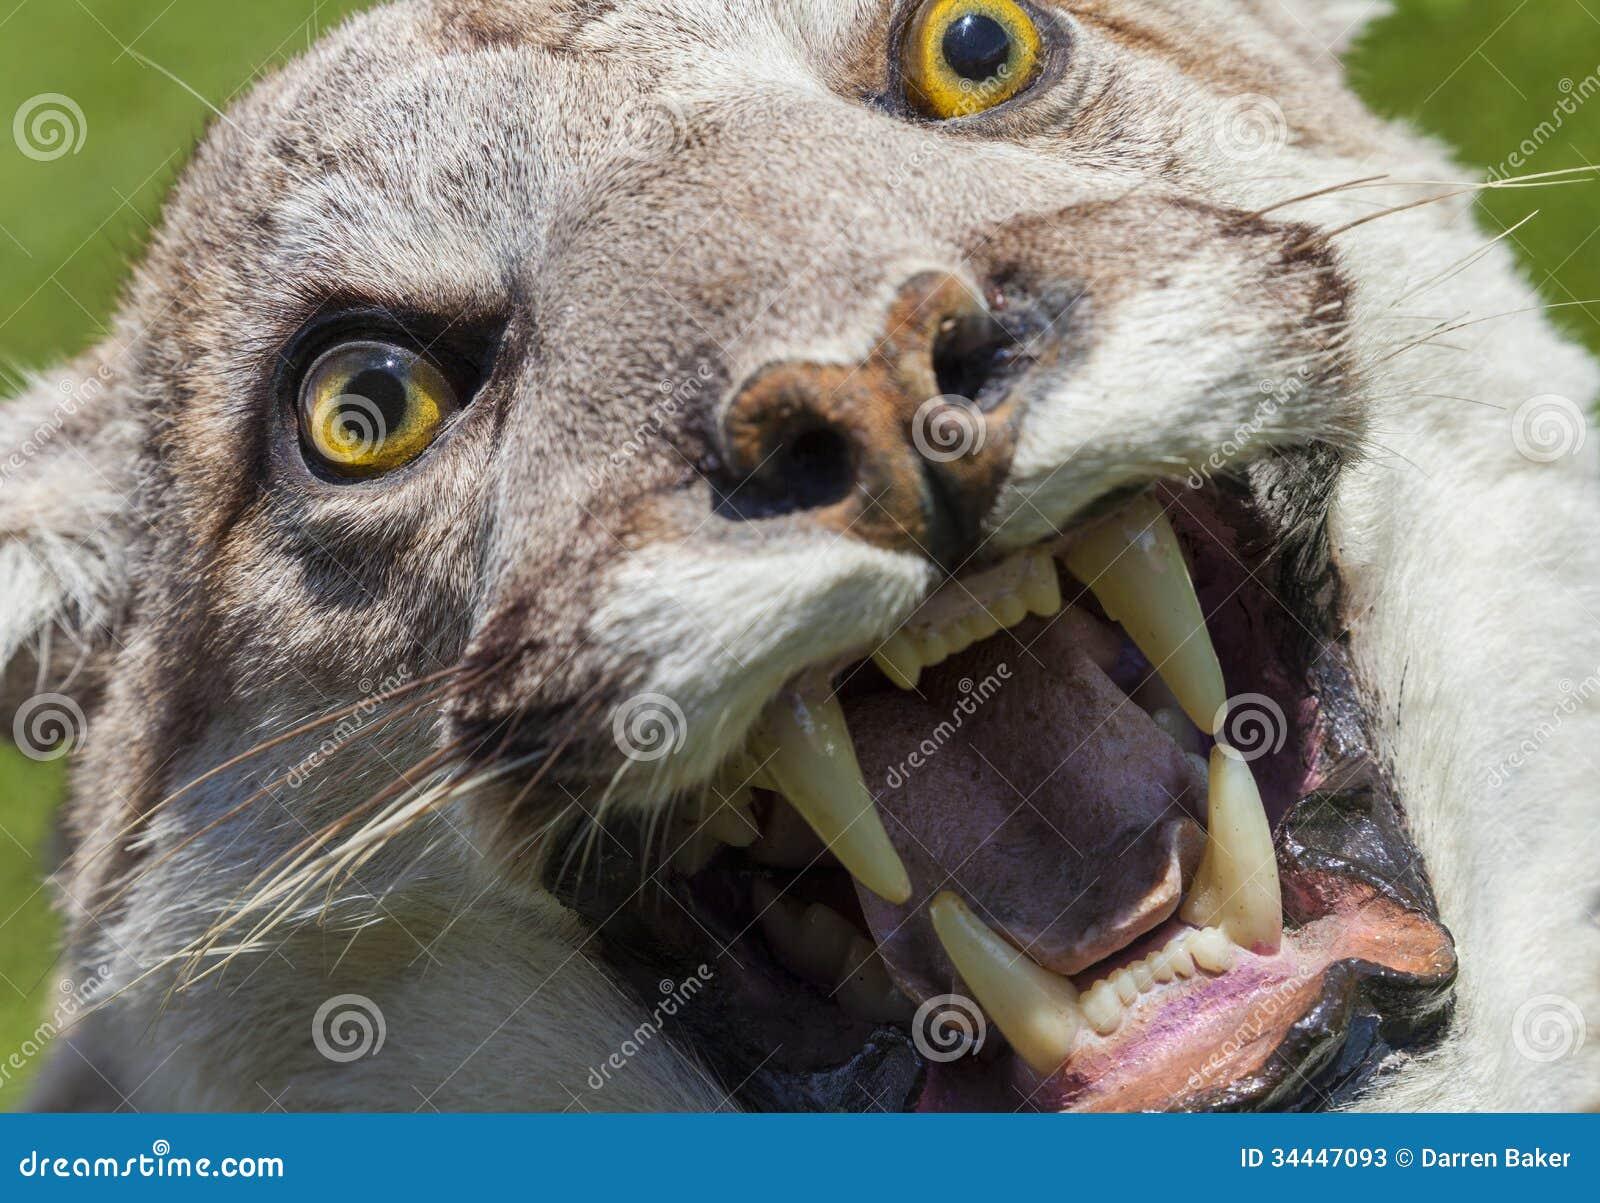 Cougar roaring